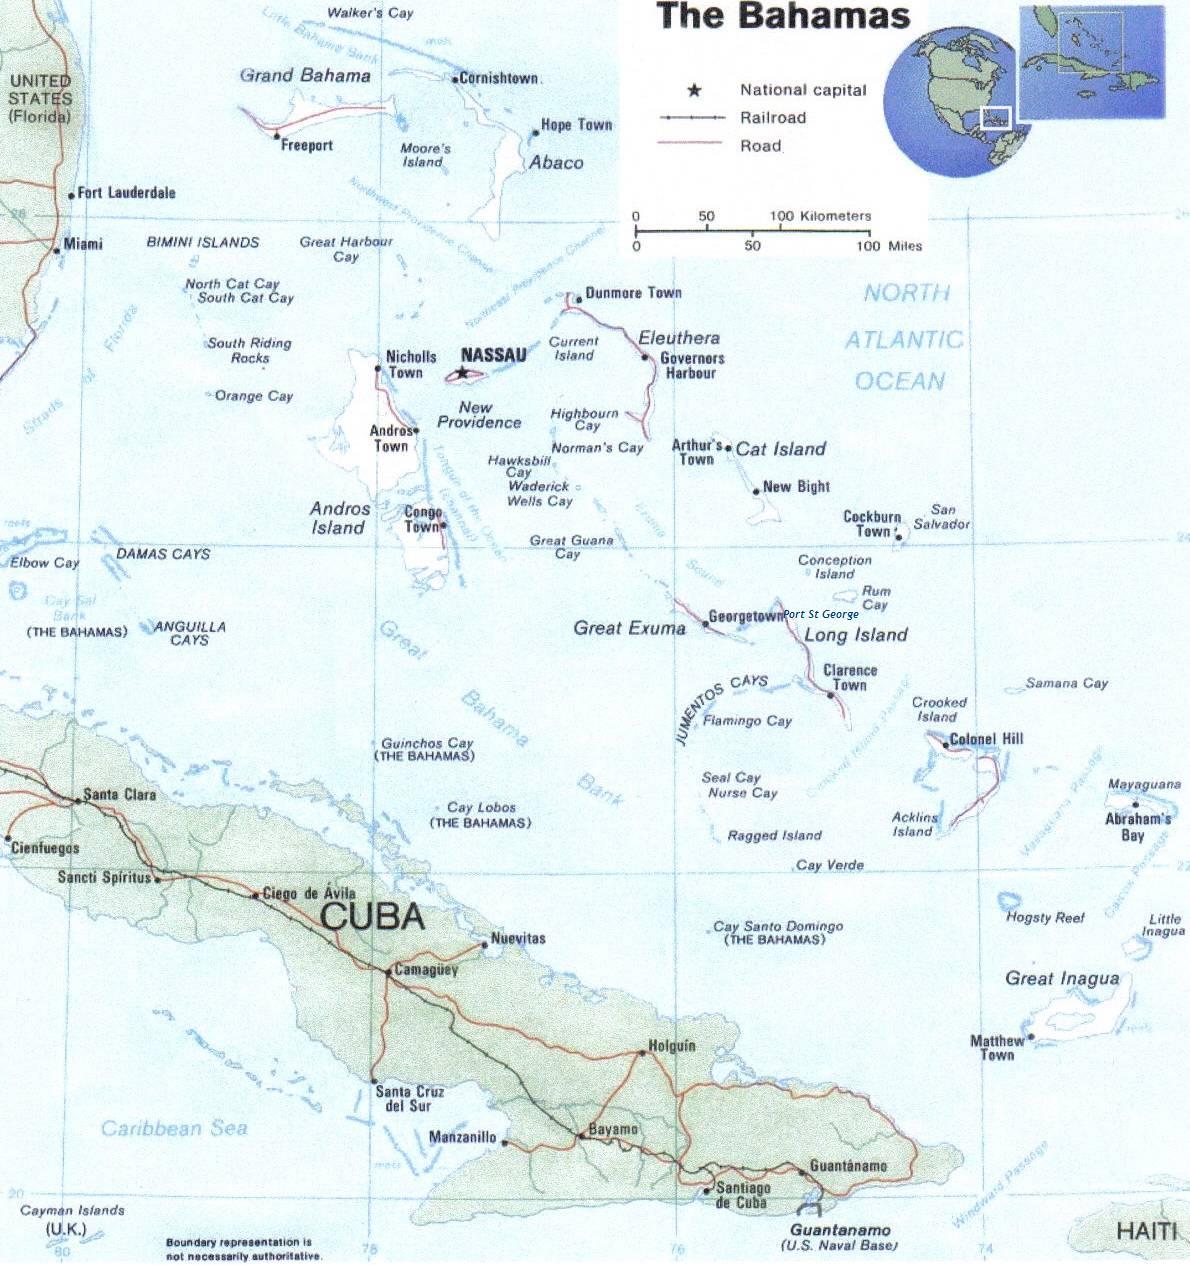 Bahamas Caribbean map